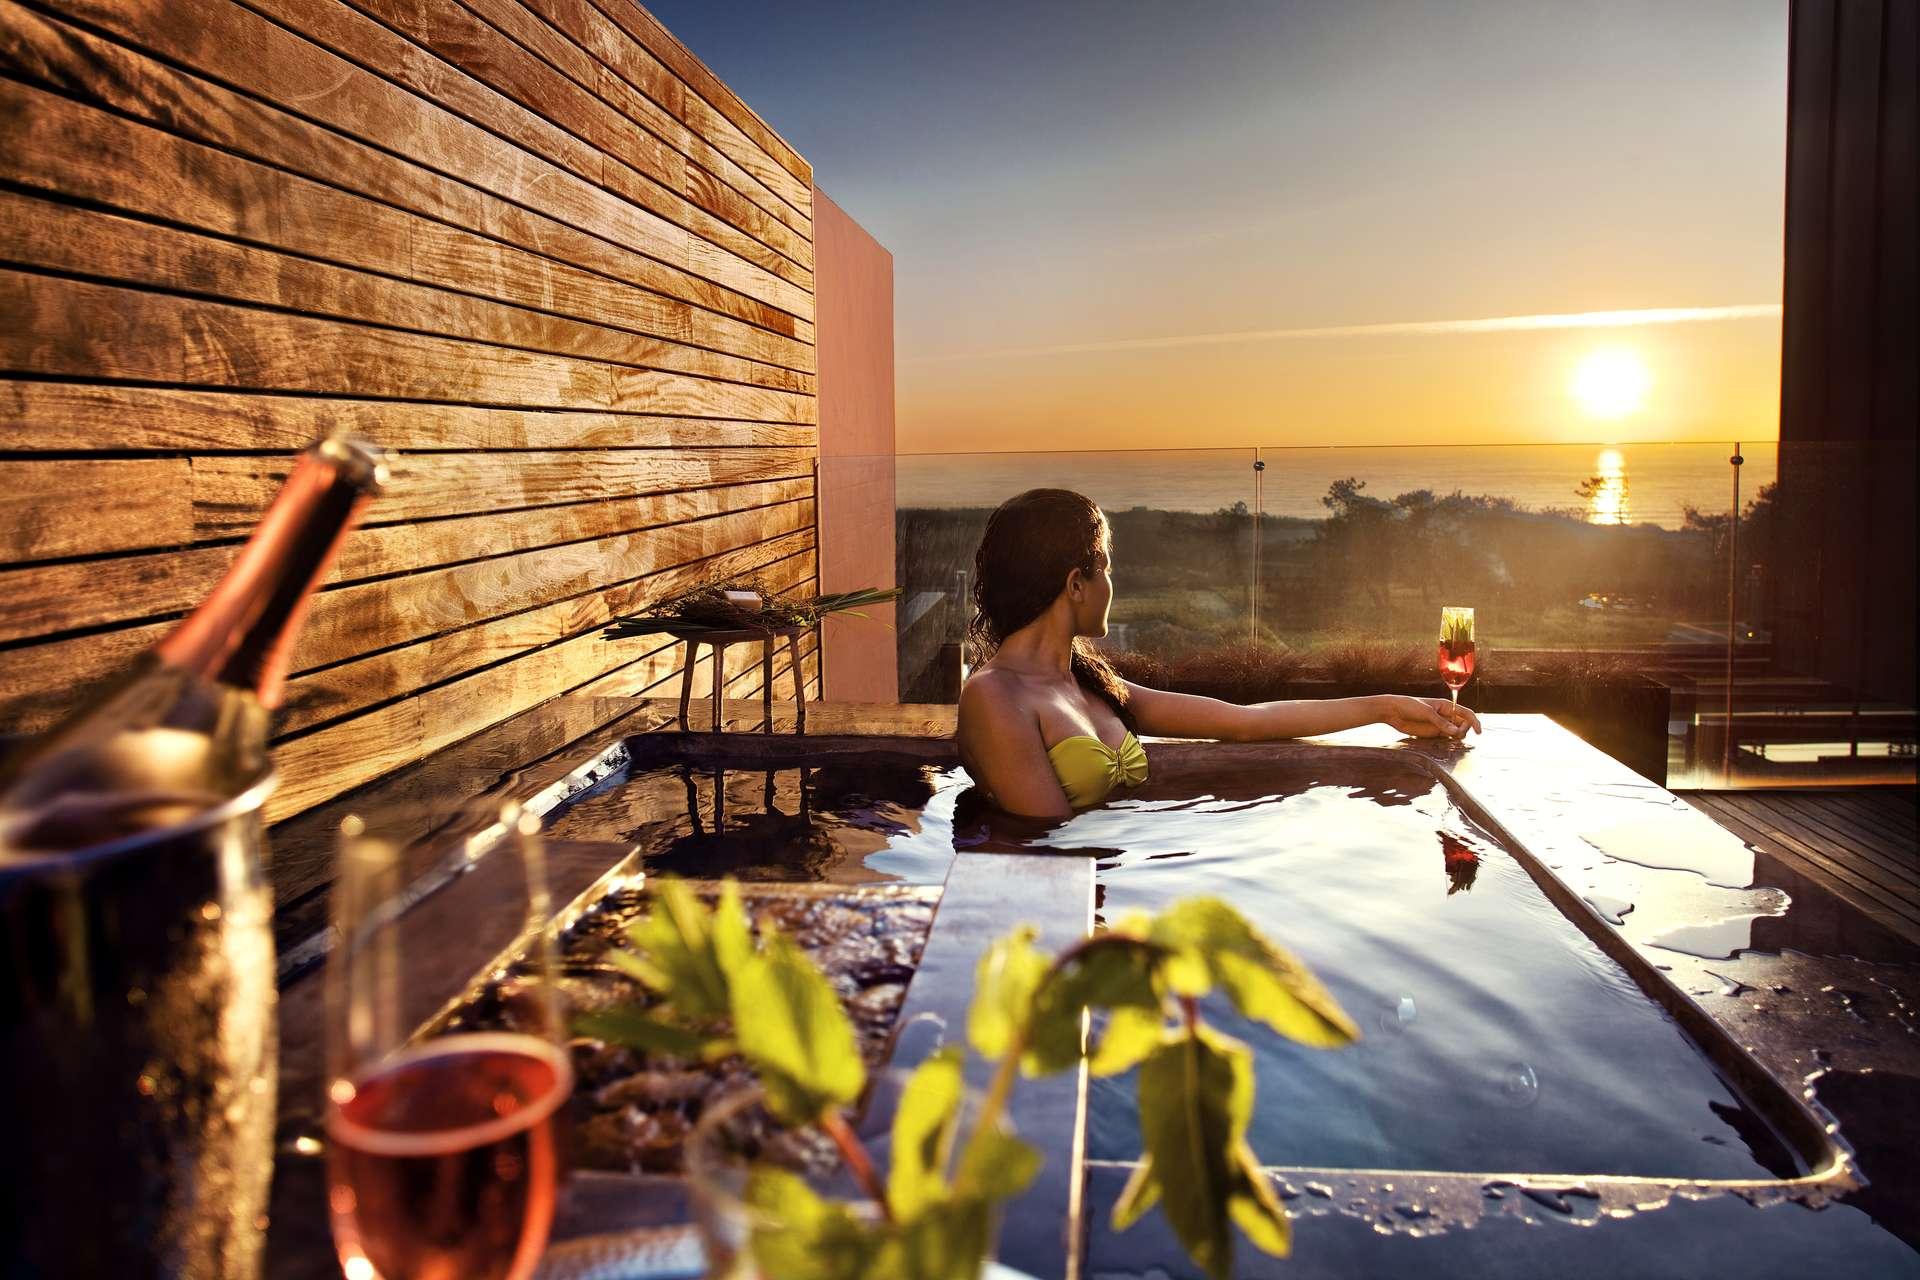 Areias Seixo Hotel : Areias do seixo charm hotel my own travel english